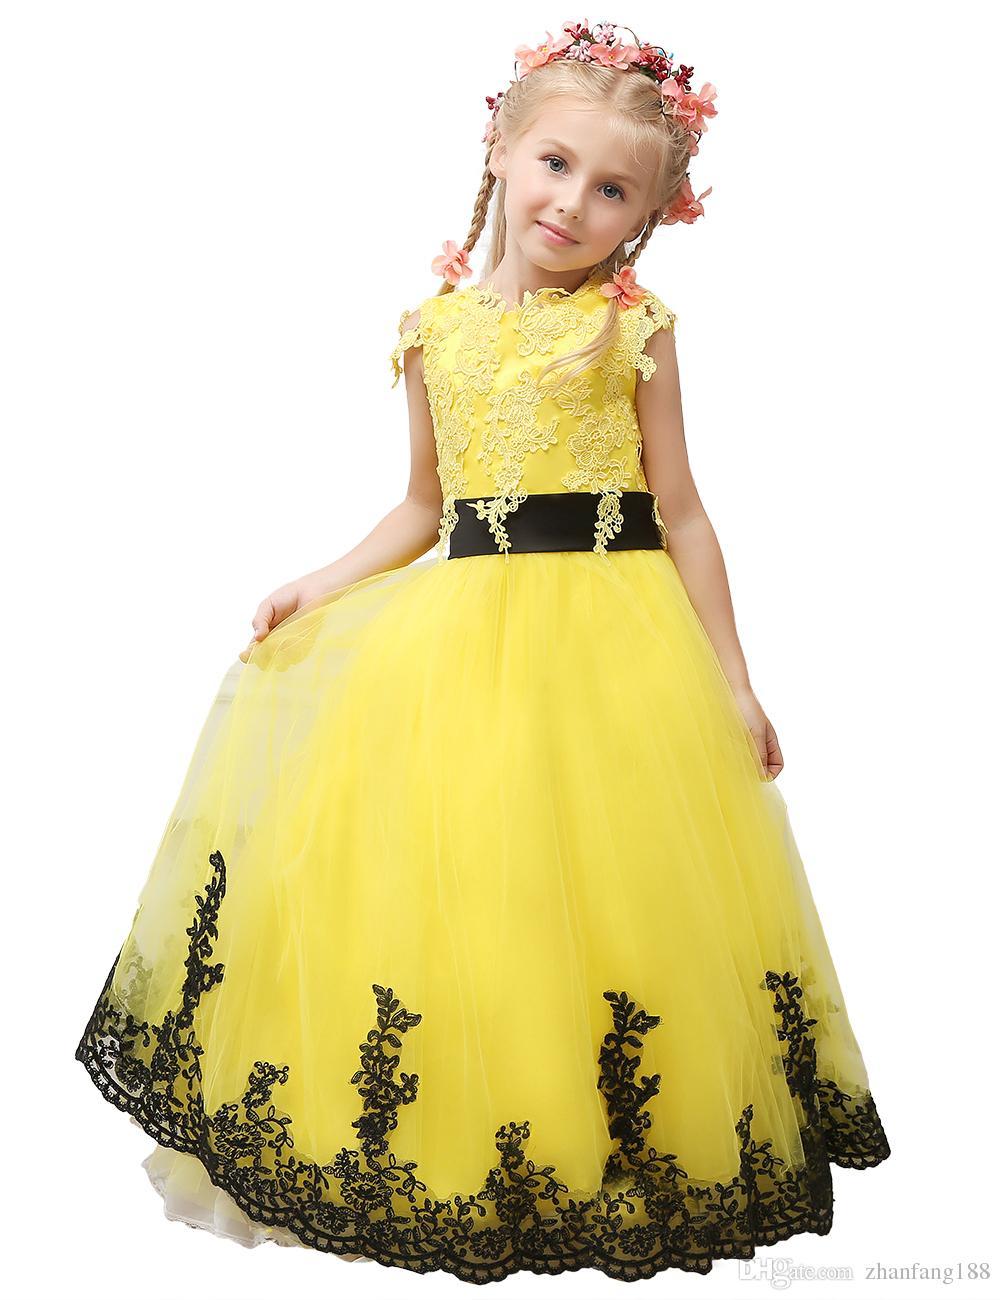 2019 Pageant Dress Little Princess Glitz vestido de baile de renda vestido de baile amarelo vestido da menina de flor bonito com faixa preta